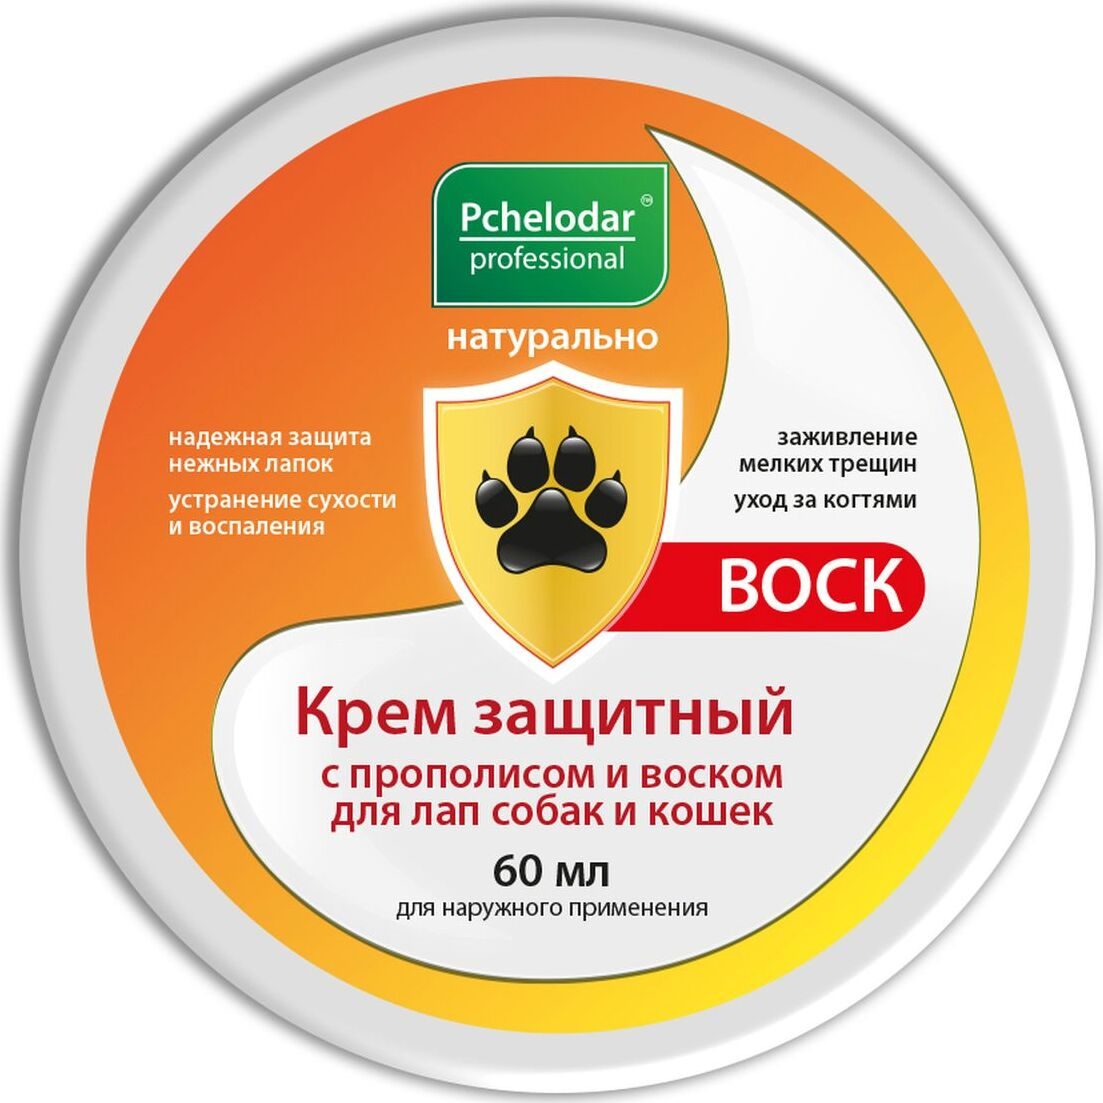 Крем защитный для лап собак и кошек Pchelodar Professional, с прополисом воском, 60 мл